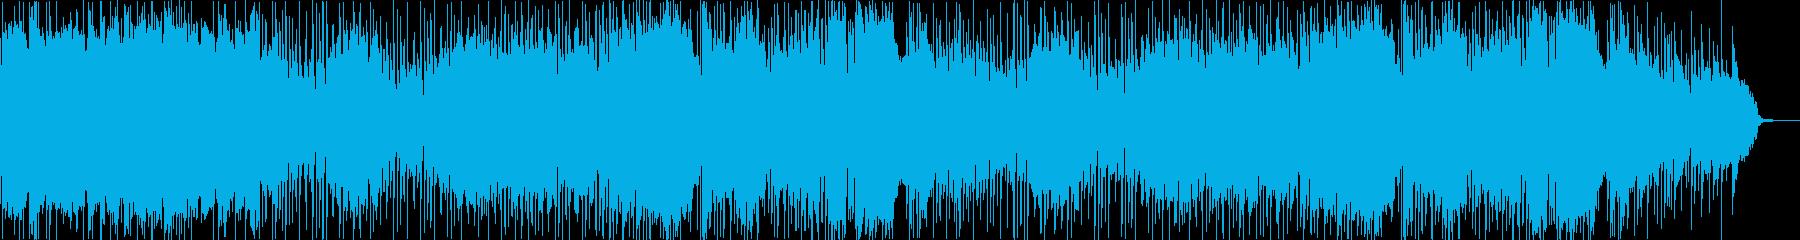 エレキギター ハードボイルドな演歌ロックの再生済みの波形